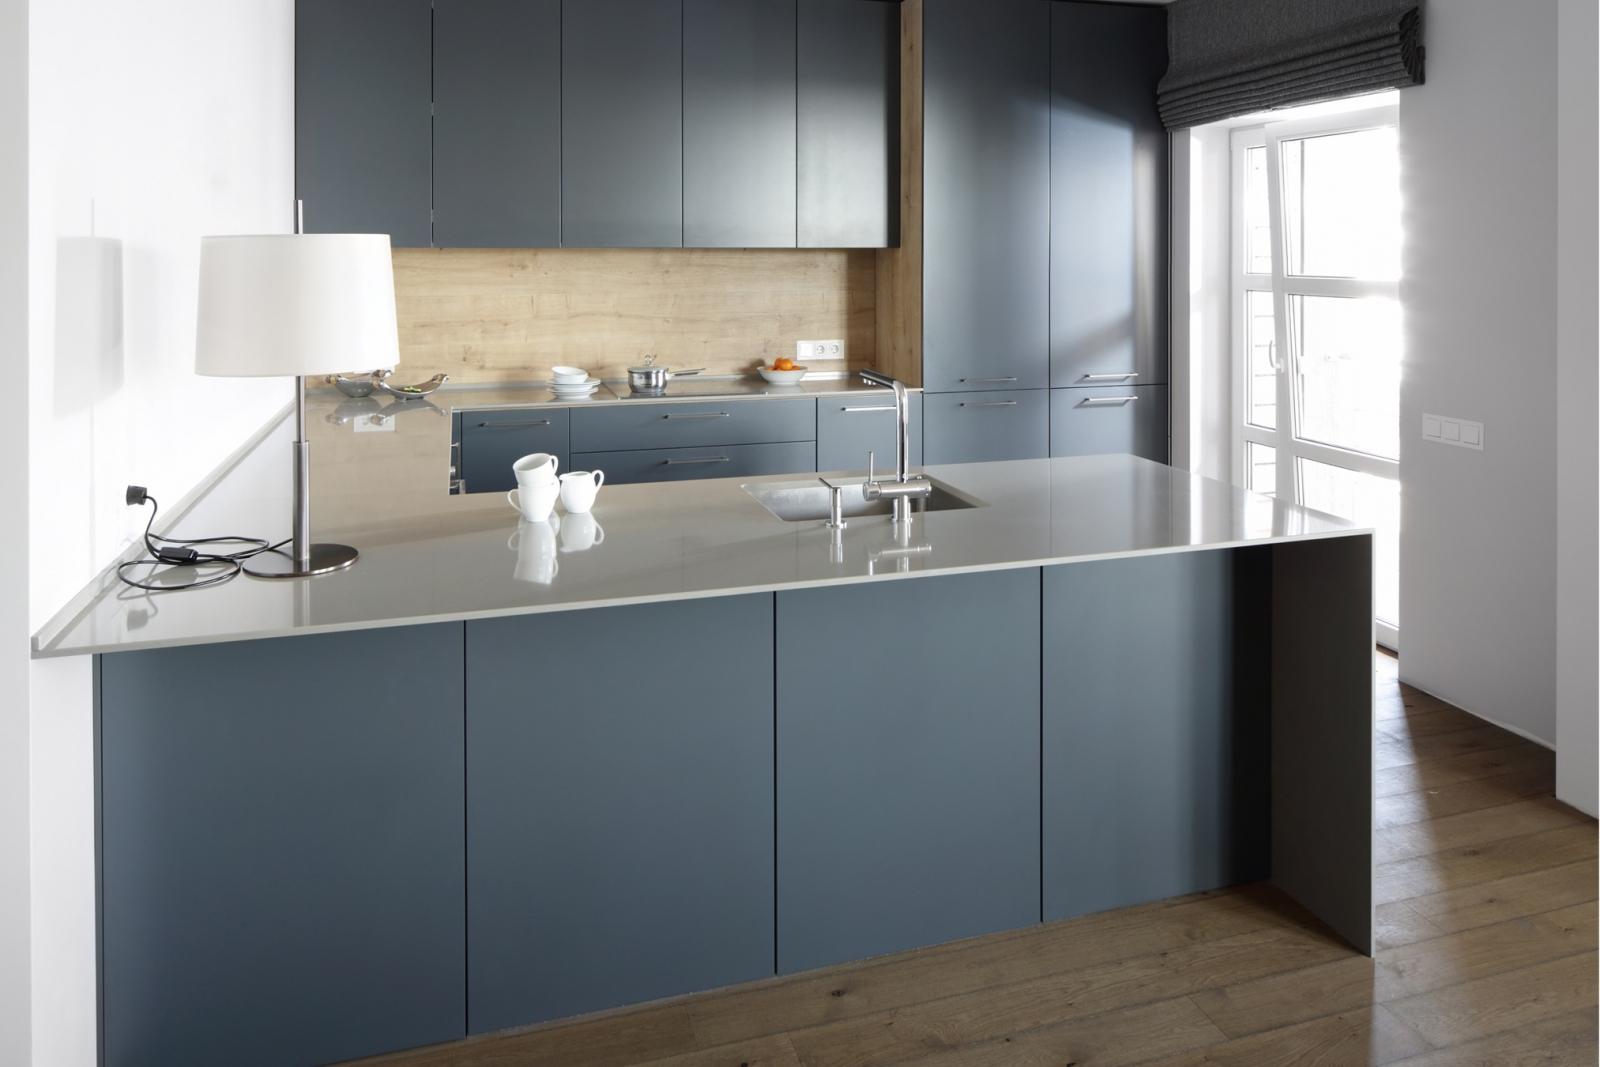 Grijze Keuken Met Zwart Blad : Keukenwerkbladen: Geschikte materialen en hun prijzen